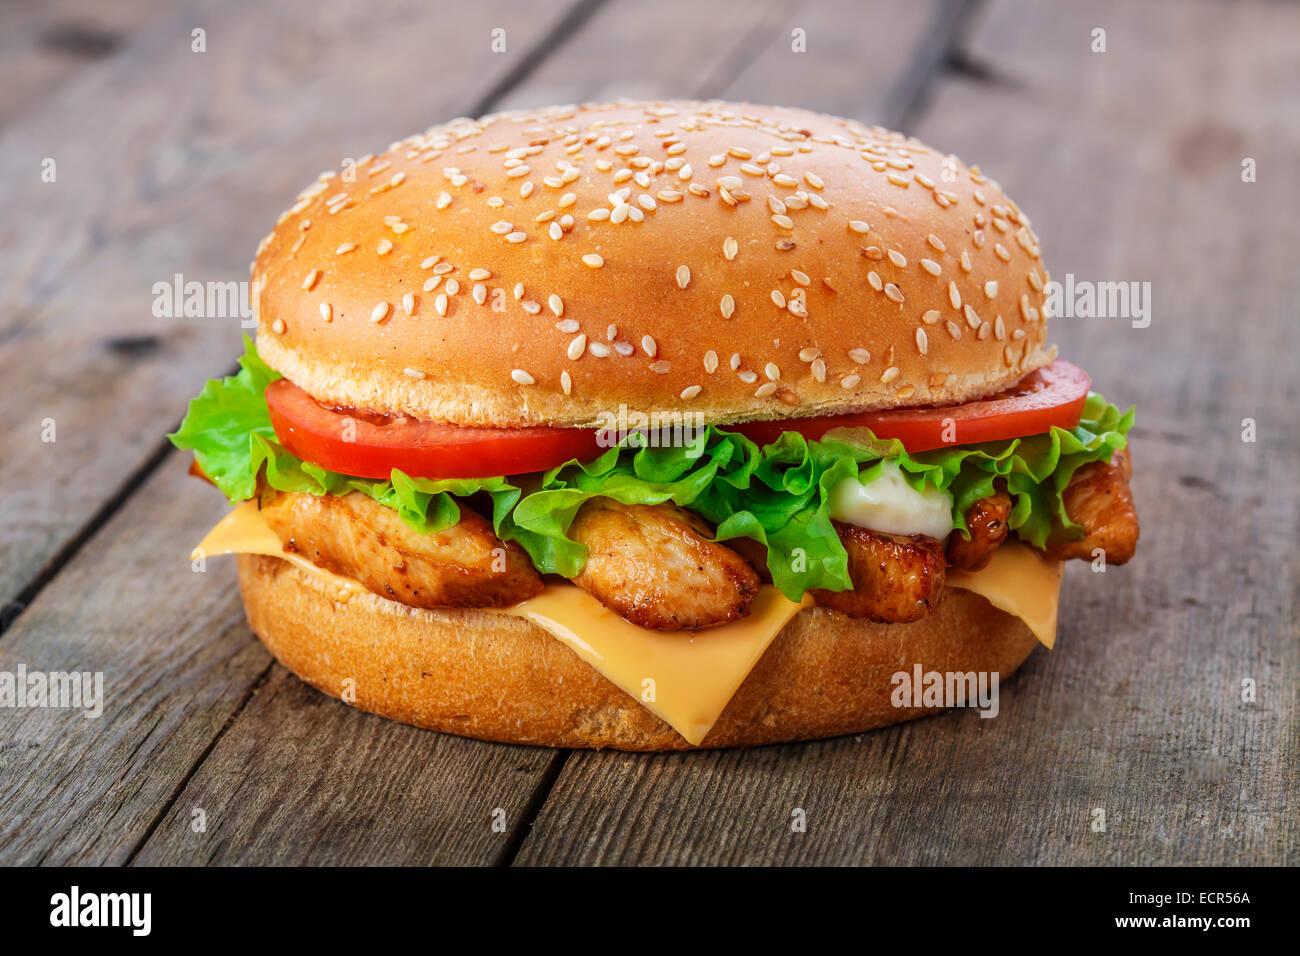 Hamburger di pollo e formaggio su una superficie in legno Foto Stock